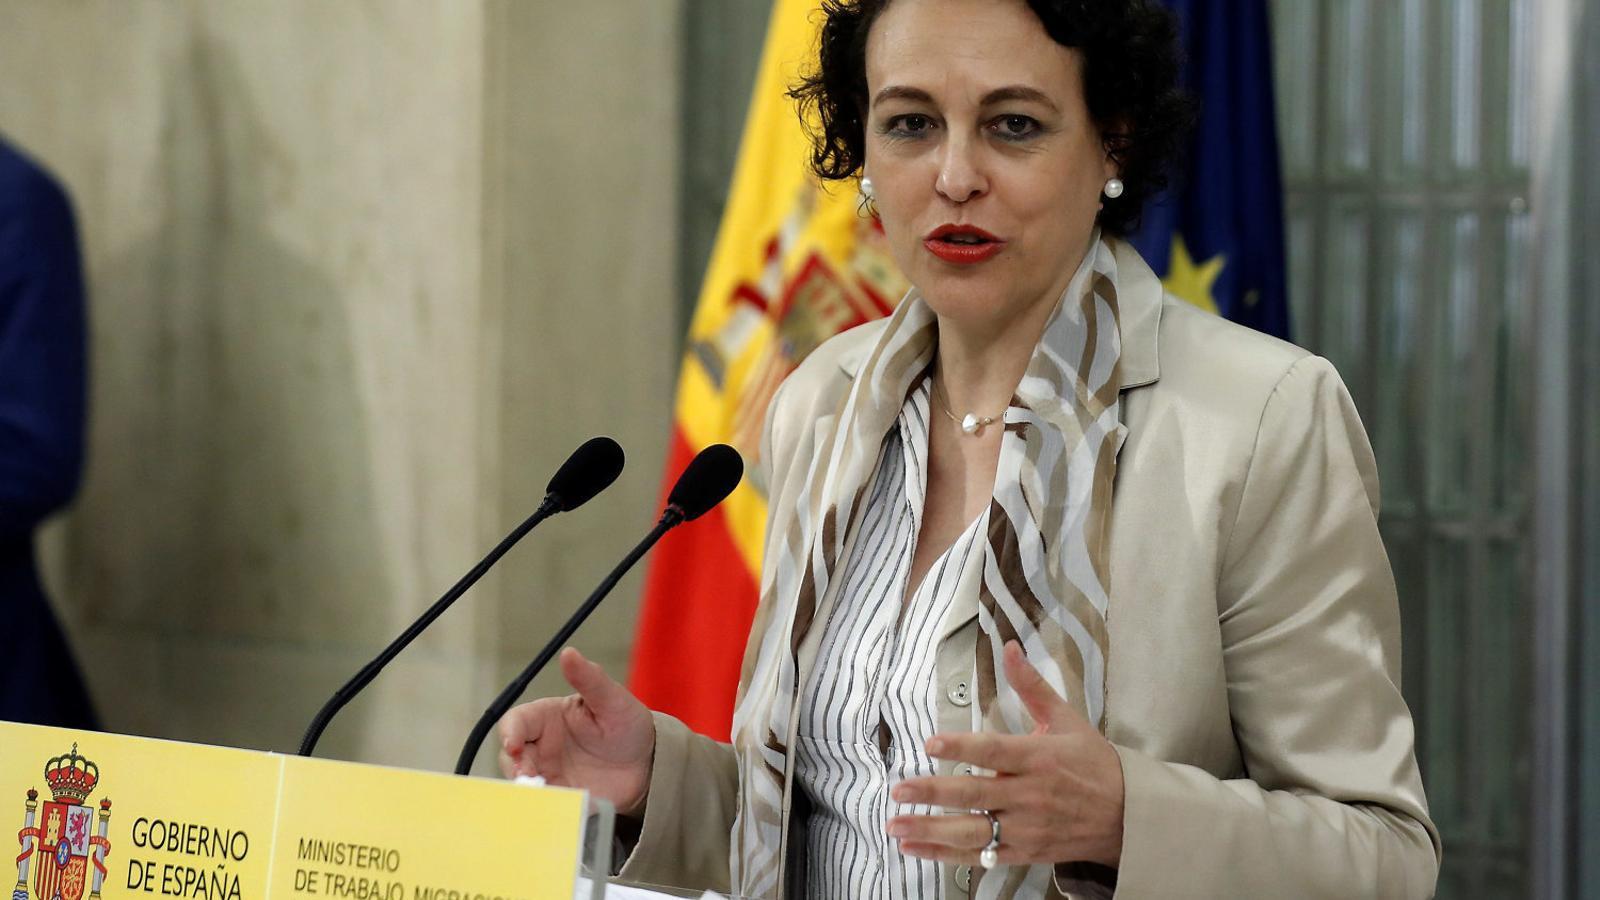 El Govern català i els sindicats pressionen el PSOE per revertir la reforma laboral